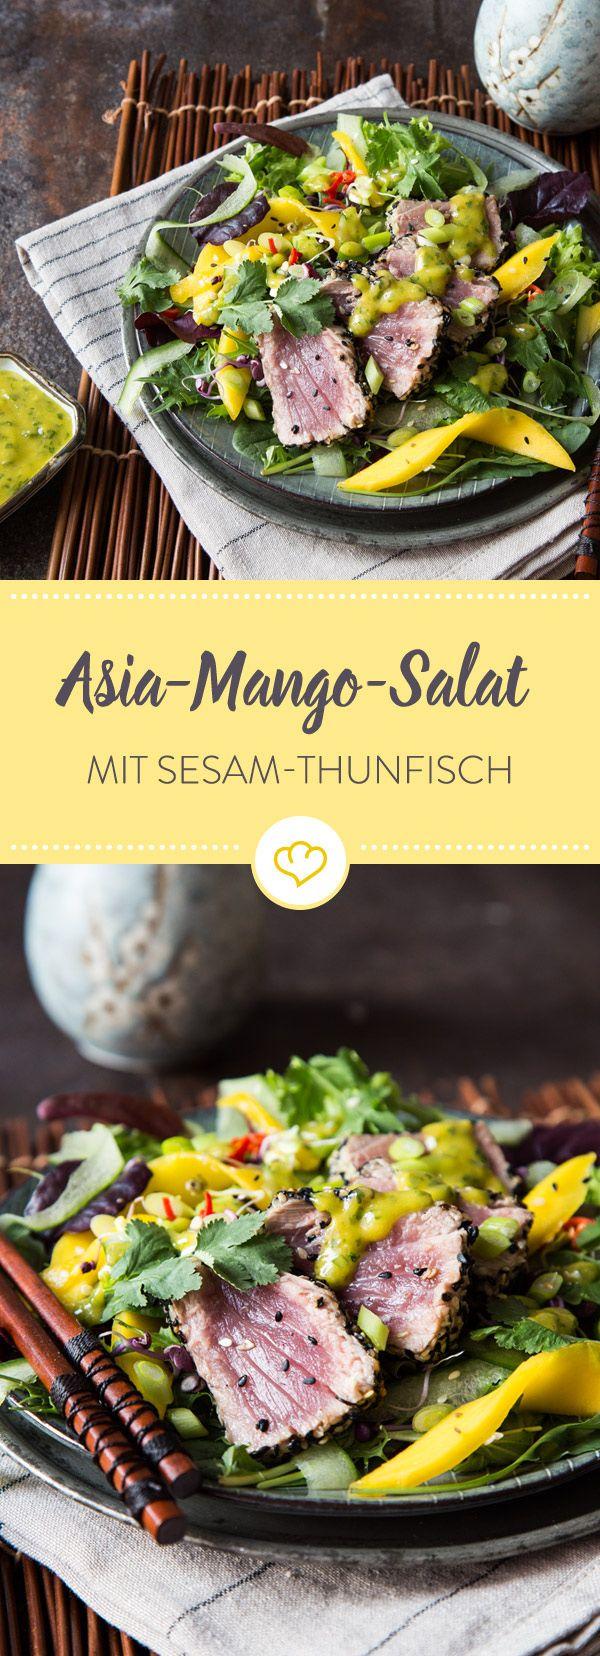 Echten Asia-Salat gibt es nur mit frischem Thunfisch. Mit knusprigem Sesam-Mantel hat der neben fruchtiger Mango und knackigem Salat so einiges zu bieten.